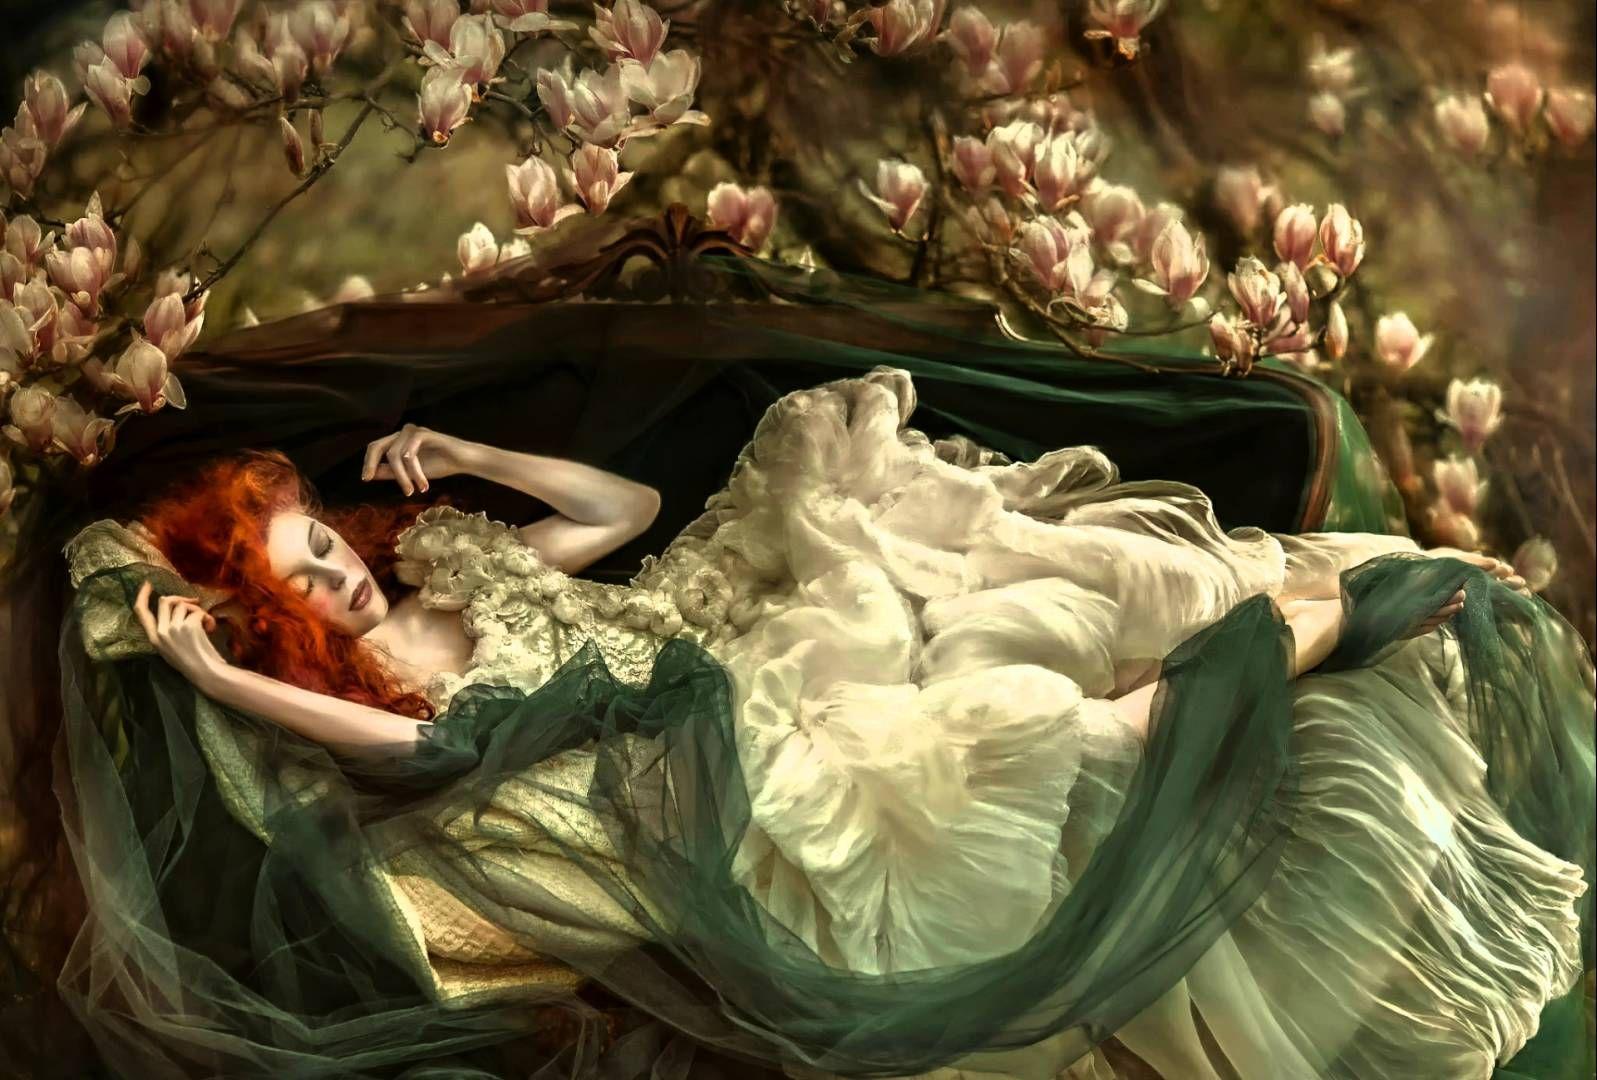 Интерпретация фильма спящая красавица с рыжей девушкой в гл ролях, связанная сучка с хуем во рту